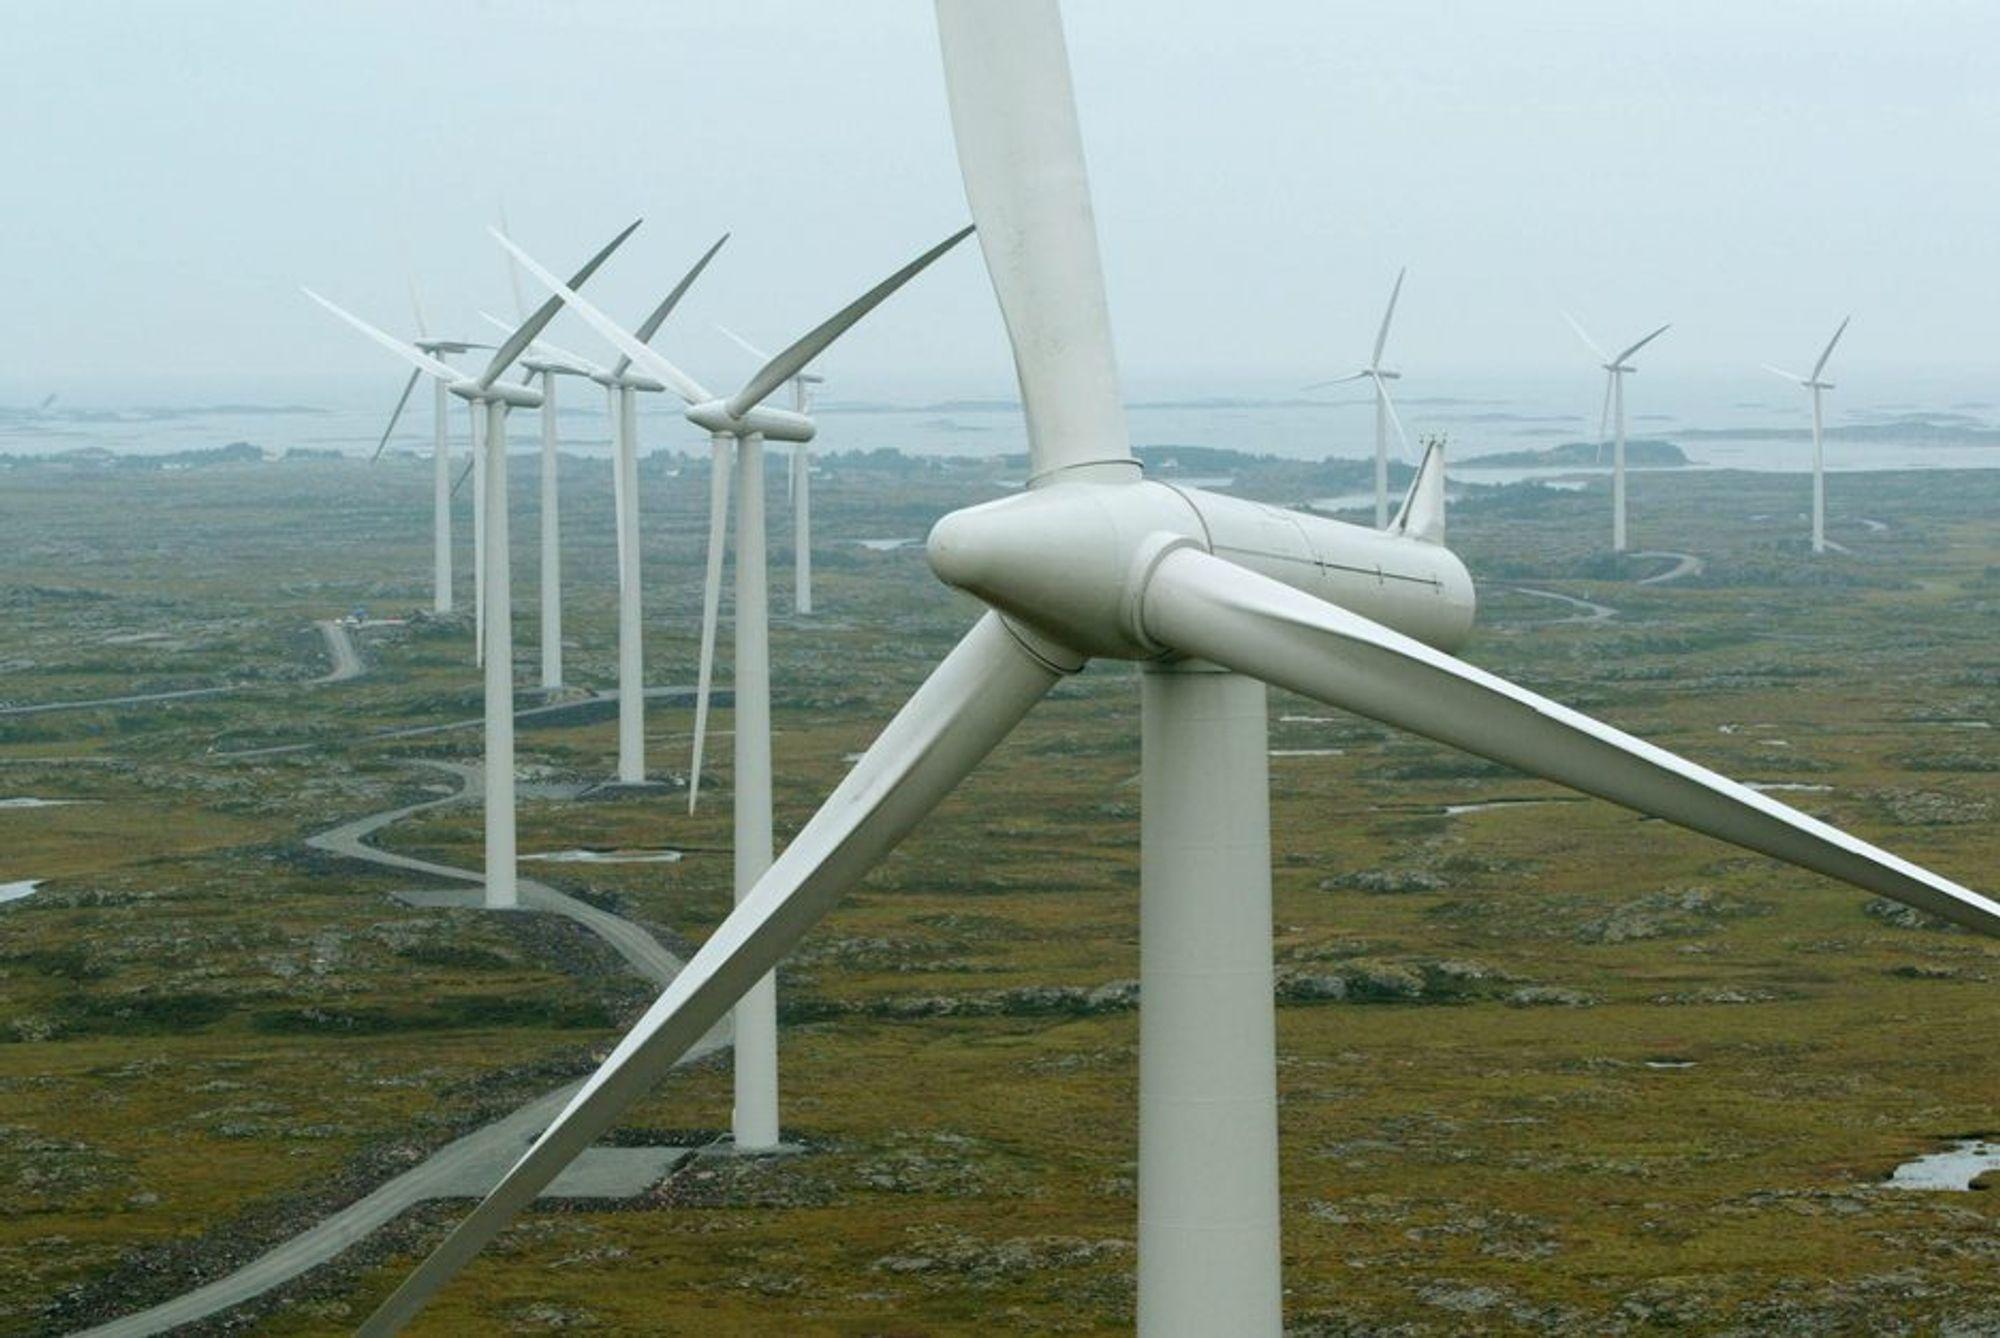 Teknologiutvikling: Antall fullasttimer ved norske vindkraftverk har økt de siste årene årene etter hvert som både teknologien og kunnskapsnivået i bransjen har utviklet seg, ifølge NVE.